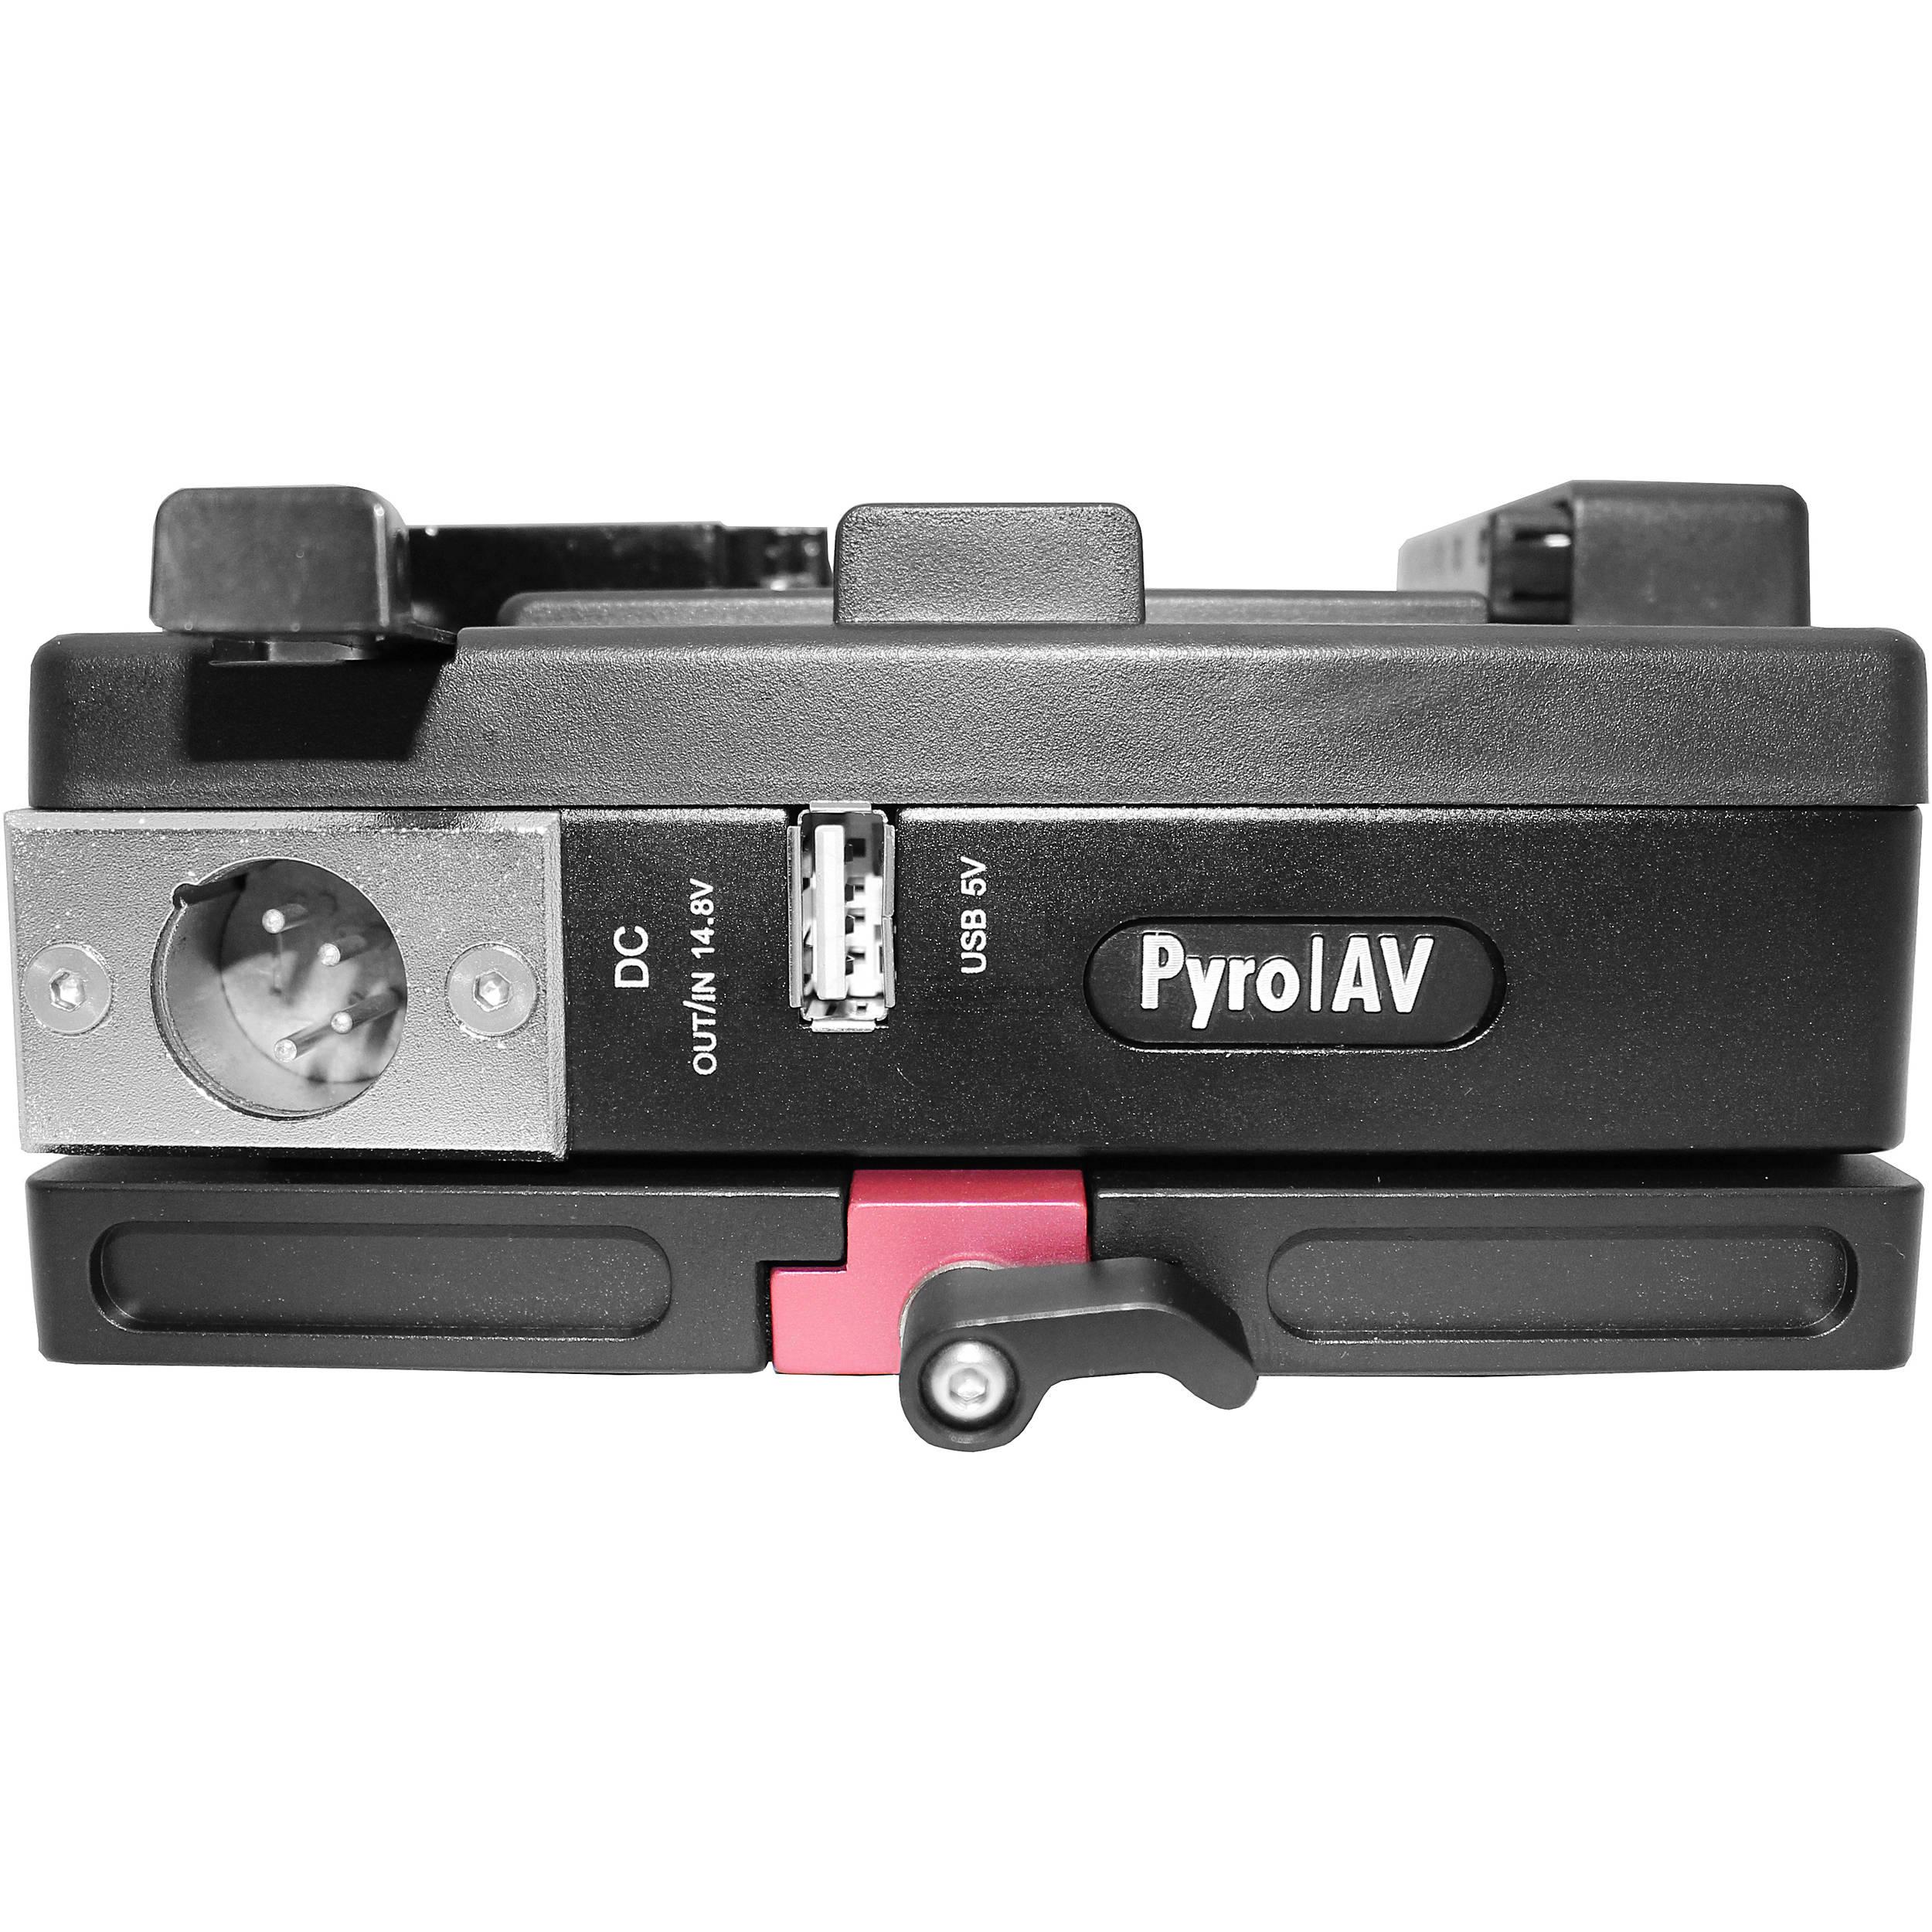 pyro_av_pyro_pav_1620_103_power_supply_with_speical_1265568.jpg